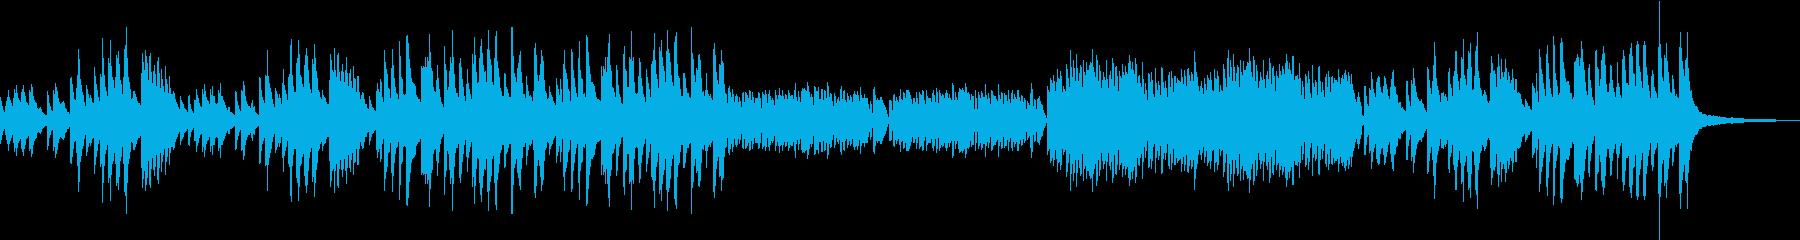 ベートーヴェンのメヌエット ト長調の再生済みの波形